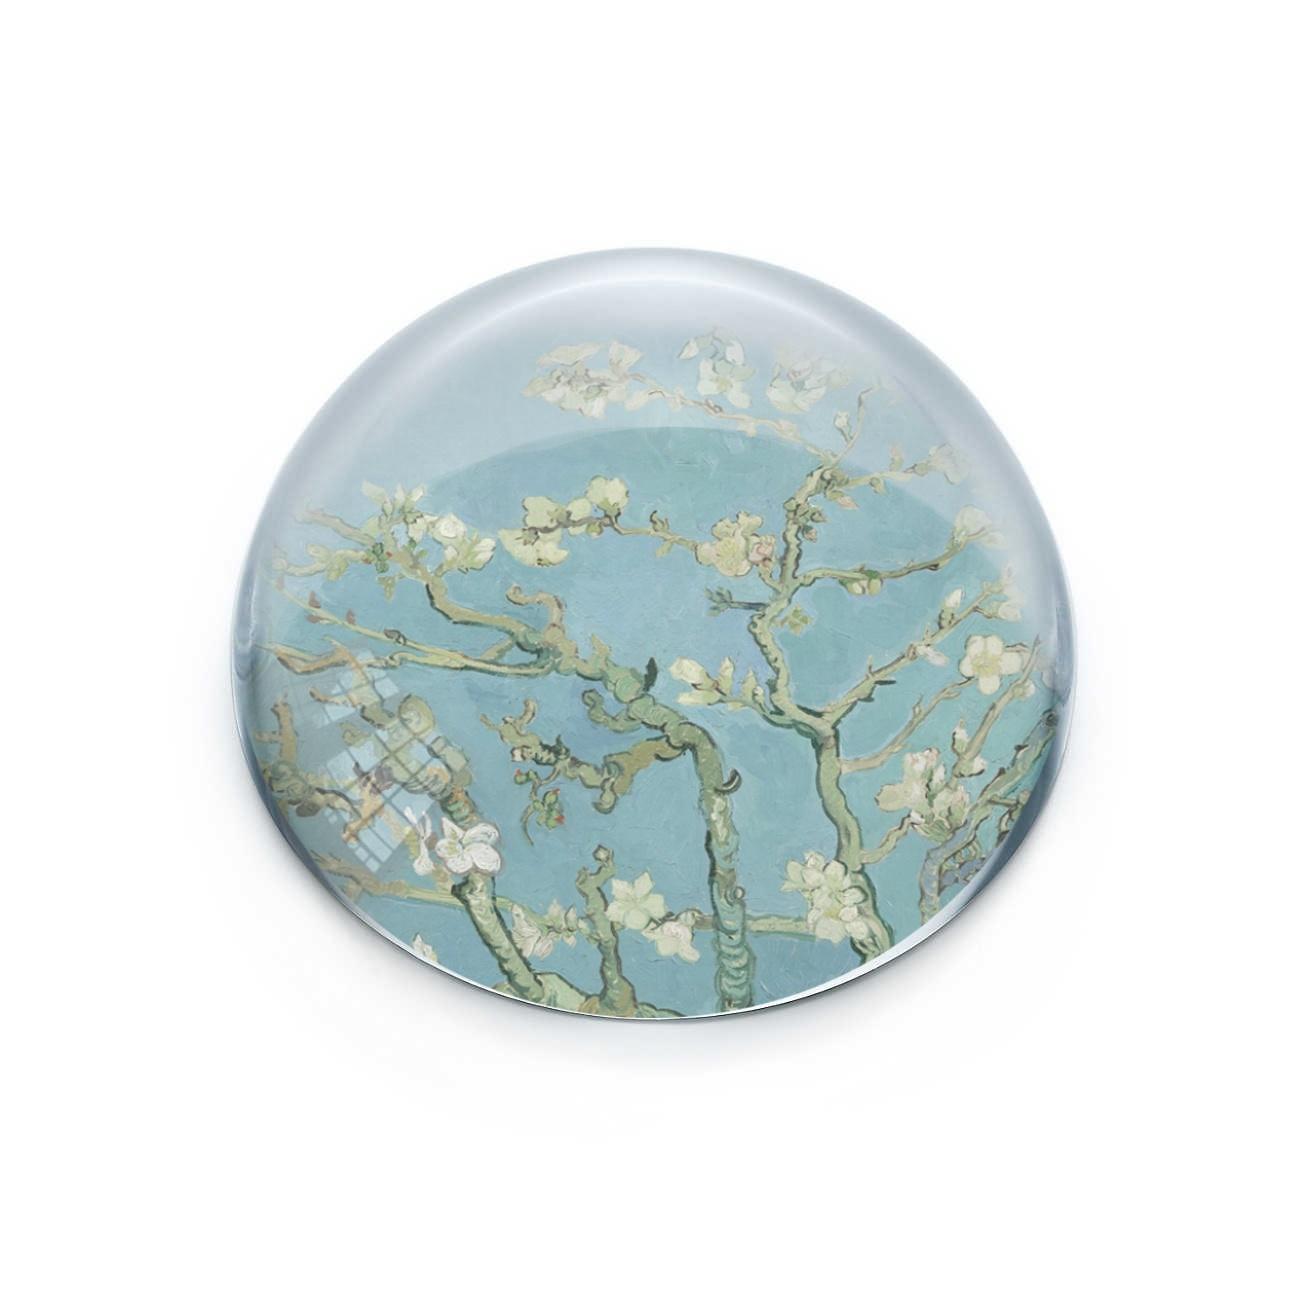 Presse papiers convexe en verre, Van Gogh, Fleur d'amandier